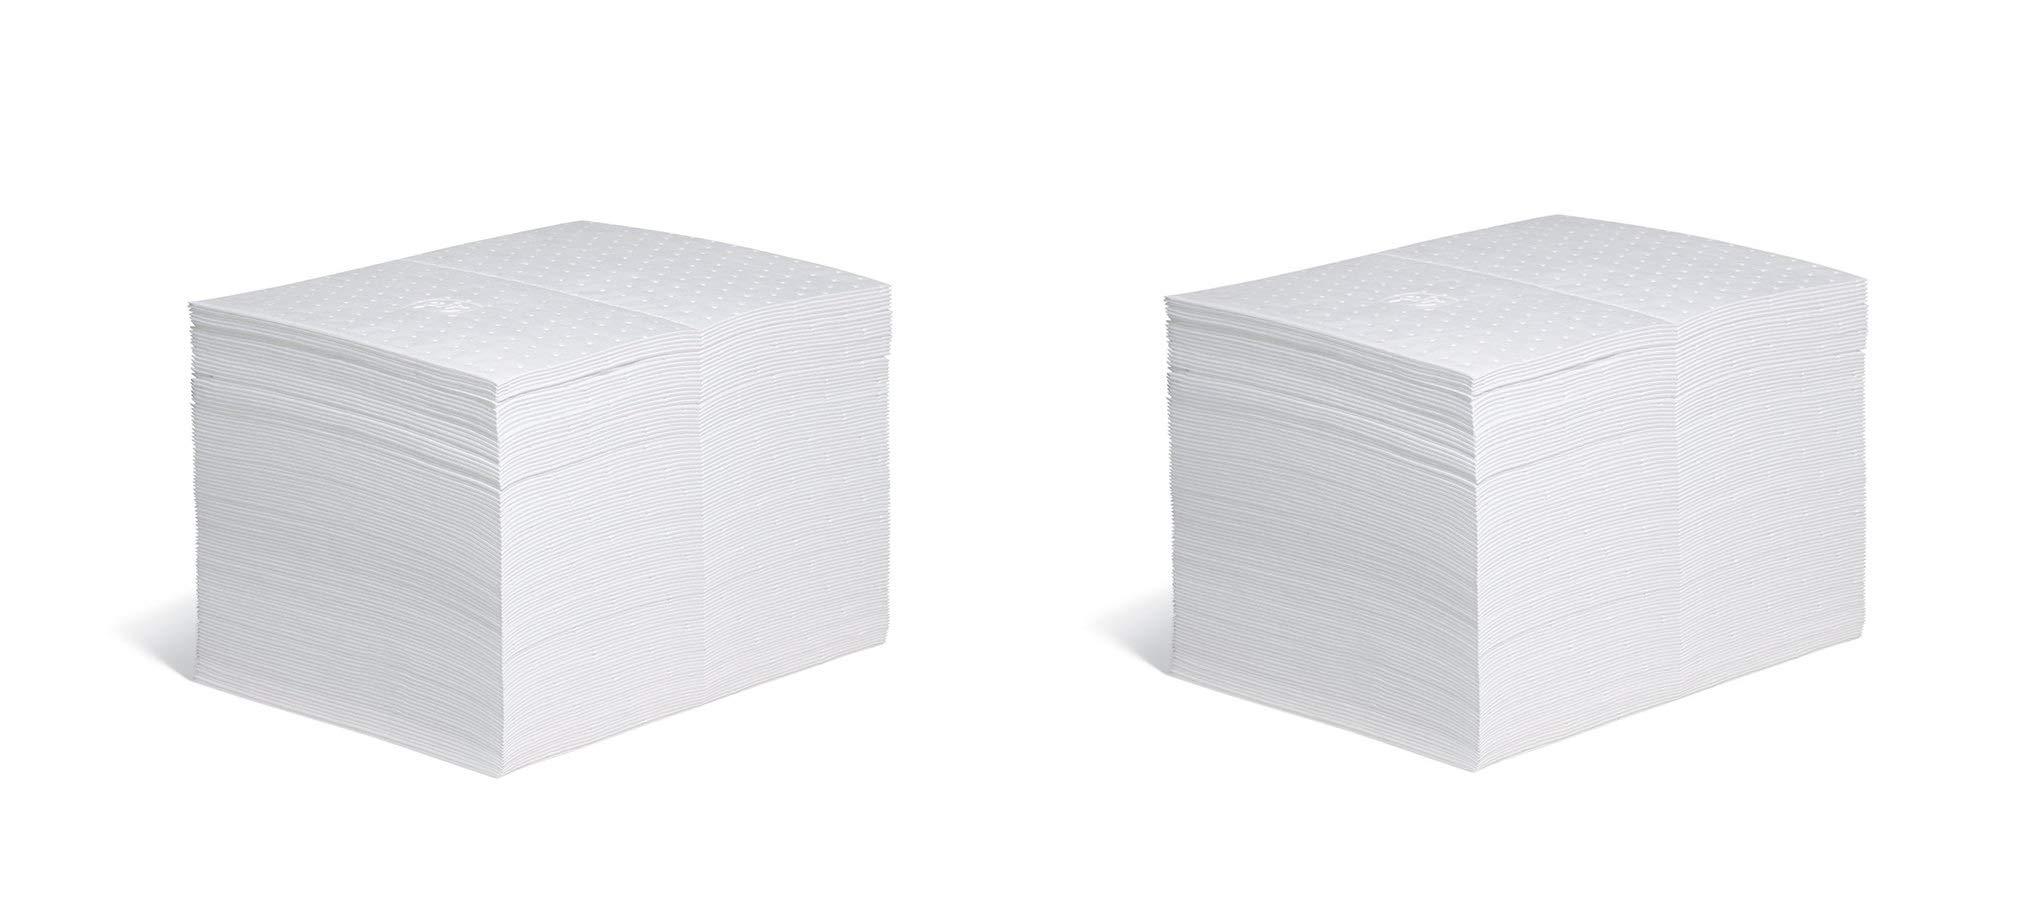 New Pig Oil Mat - 28 Ounce Absorbency - 100 Heavyweight Oil Absorbent Pads - 15'' x 20'' - MAT403 (2 X Pack of 100)